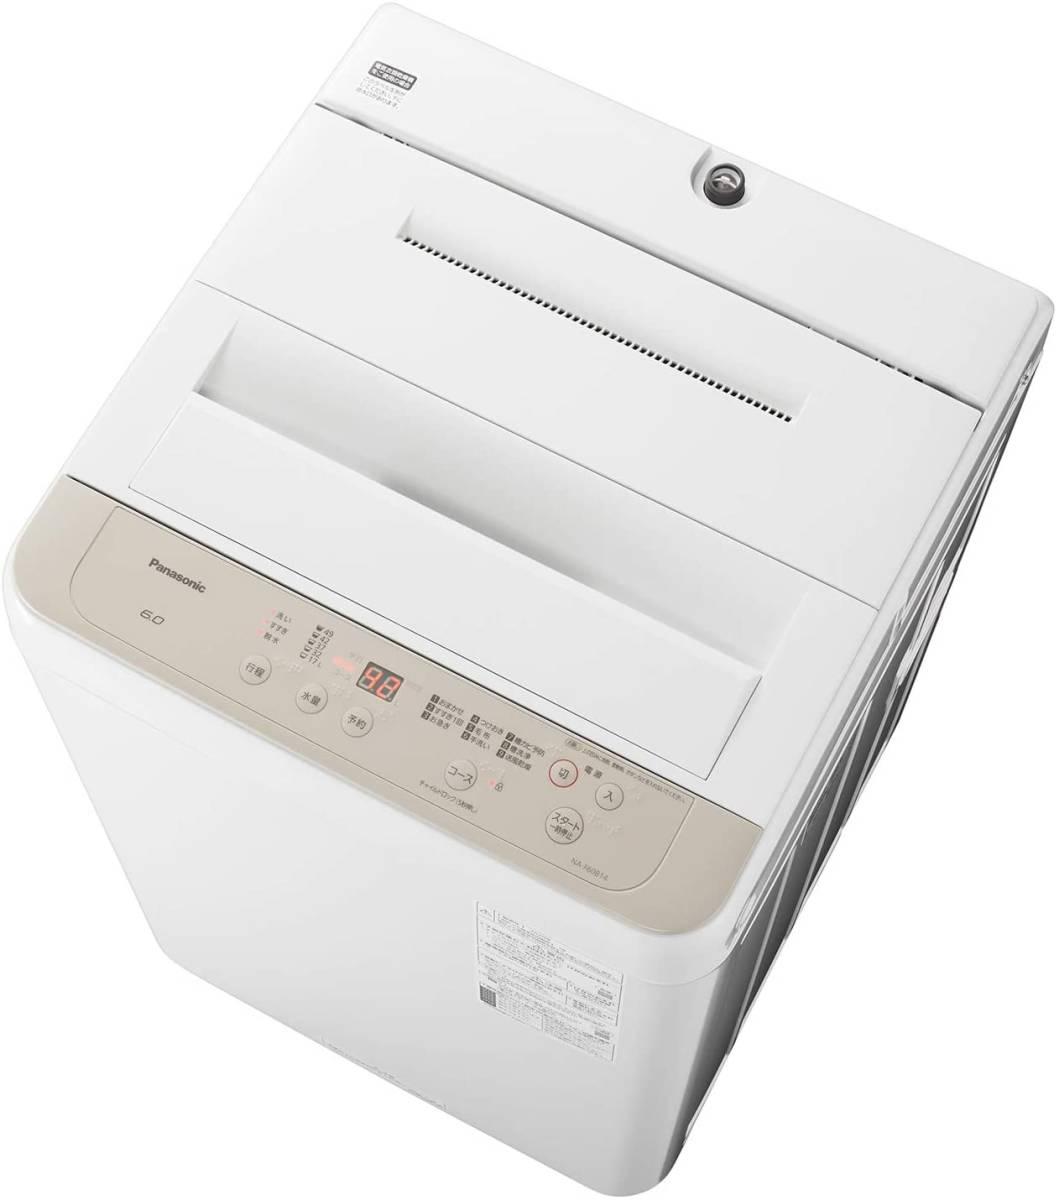 新品☆パナソニック 全自動洗濯機 6kg ビッグウェーブ洗浄 ニュアンスベージュ 送料無料130_画像1